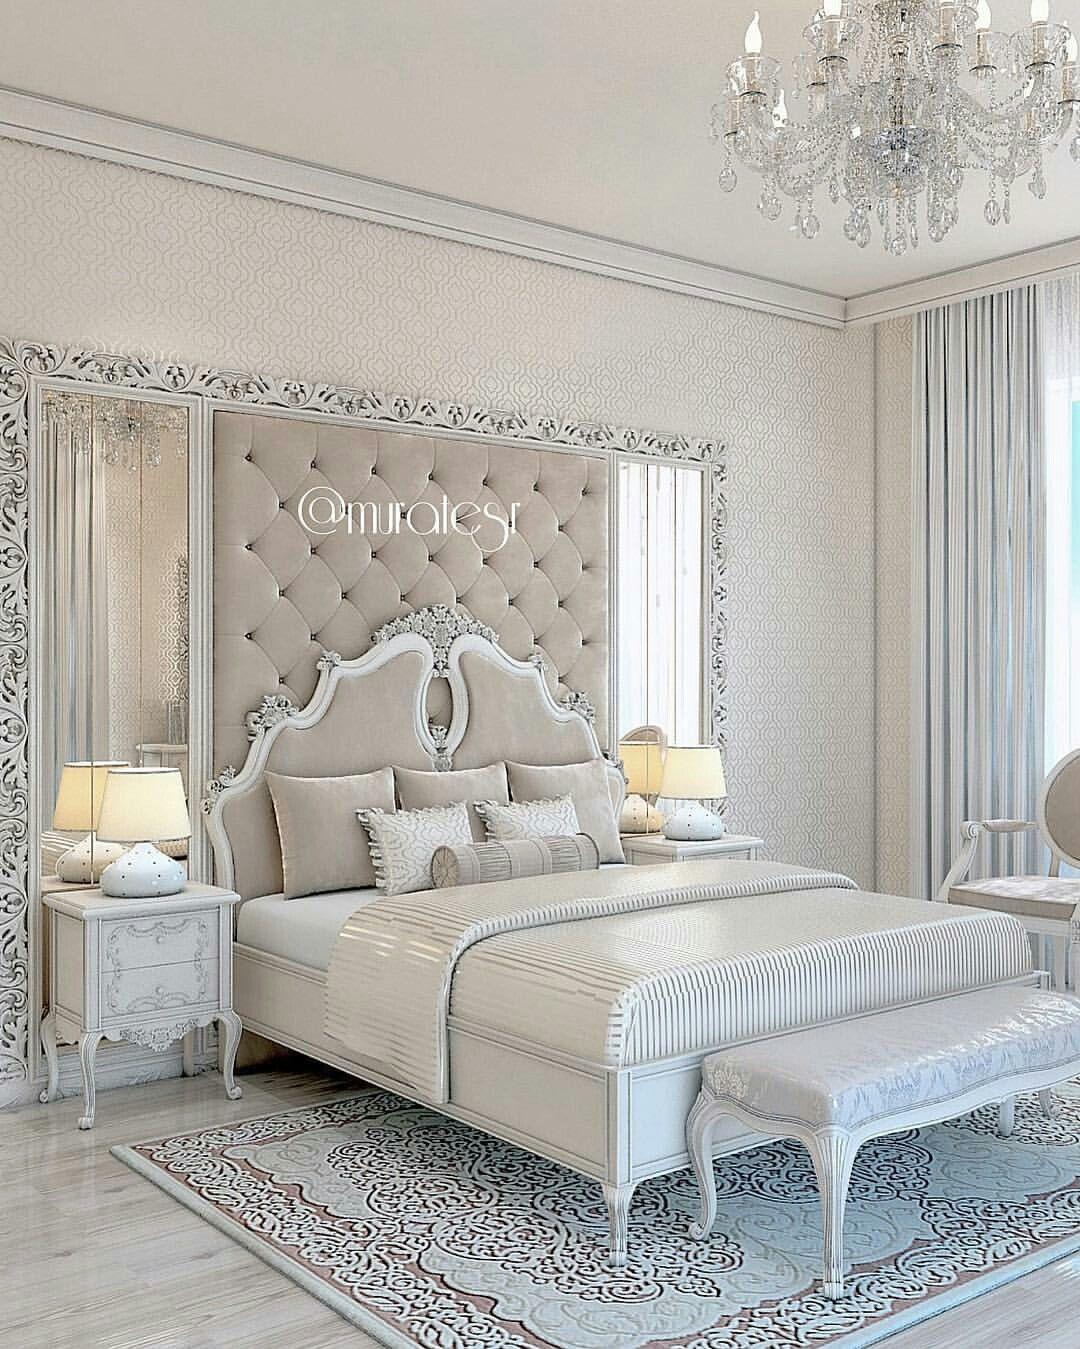 Innenarchitektur von schlafzimmermöbeln pin von afifa auf master bedroom idea  pinterest  schlafzimmer